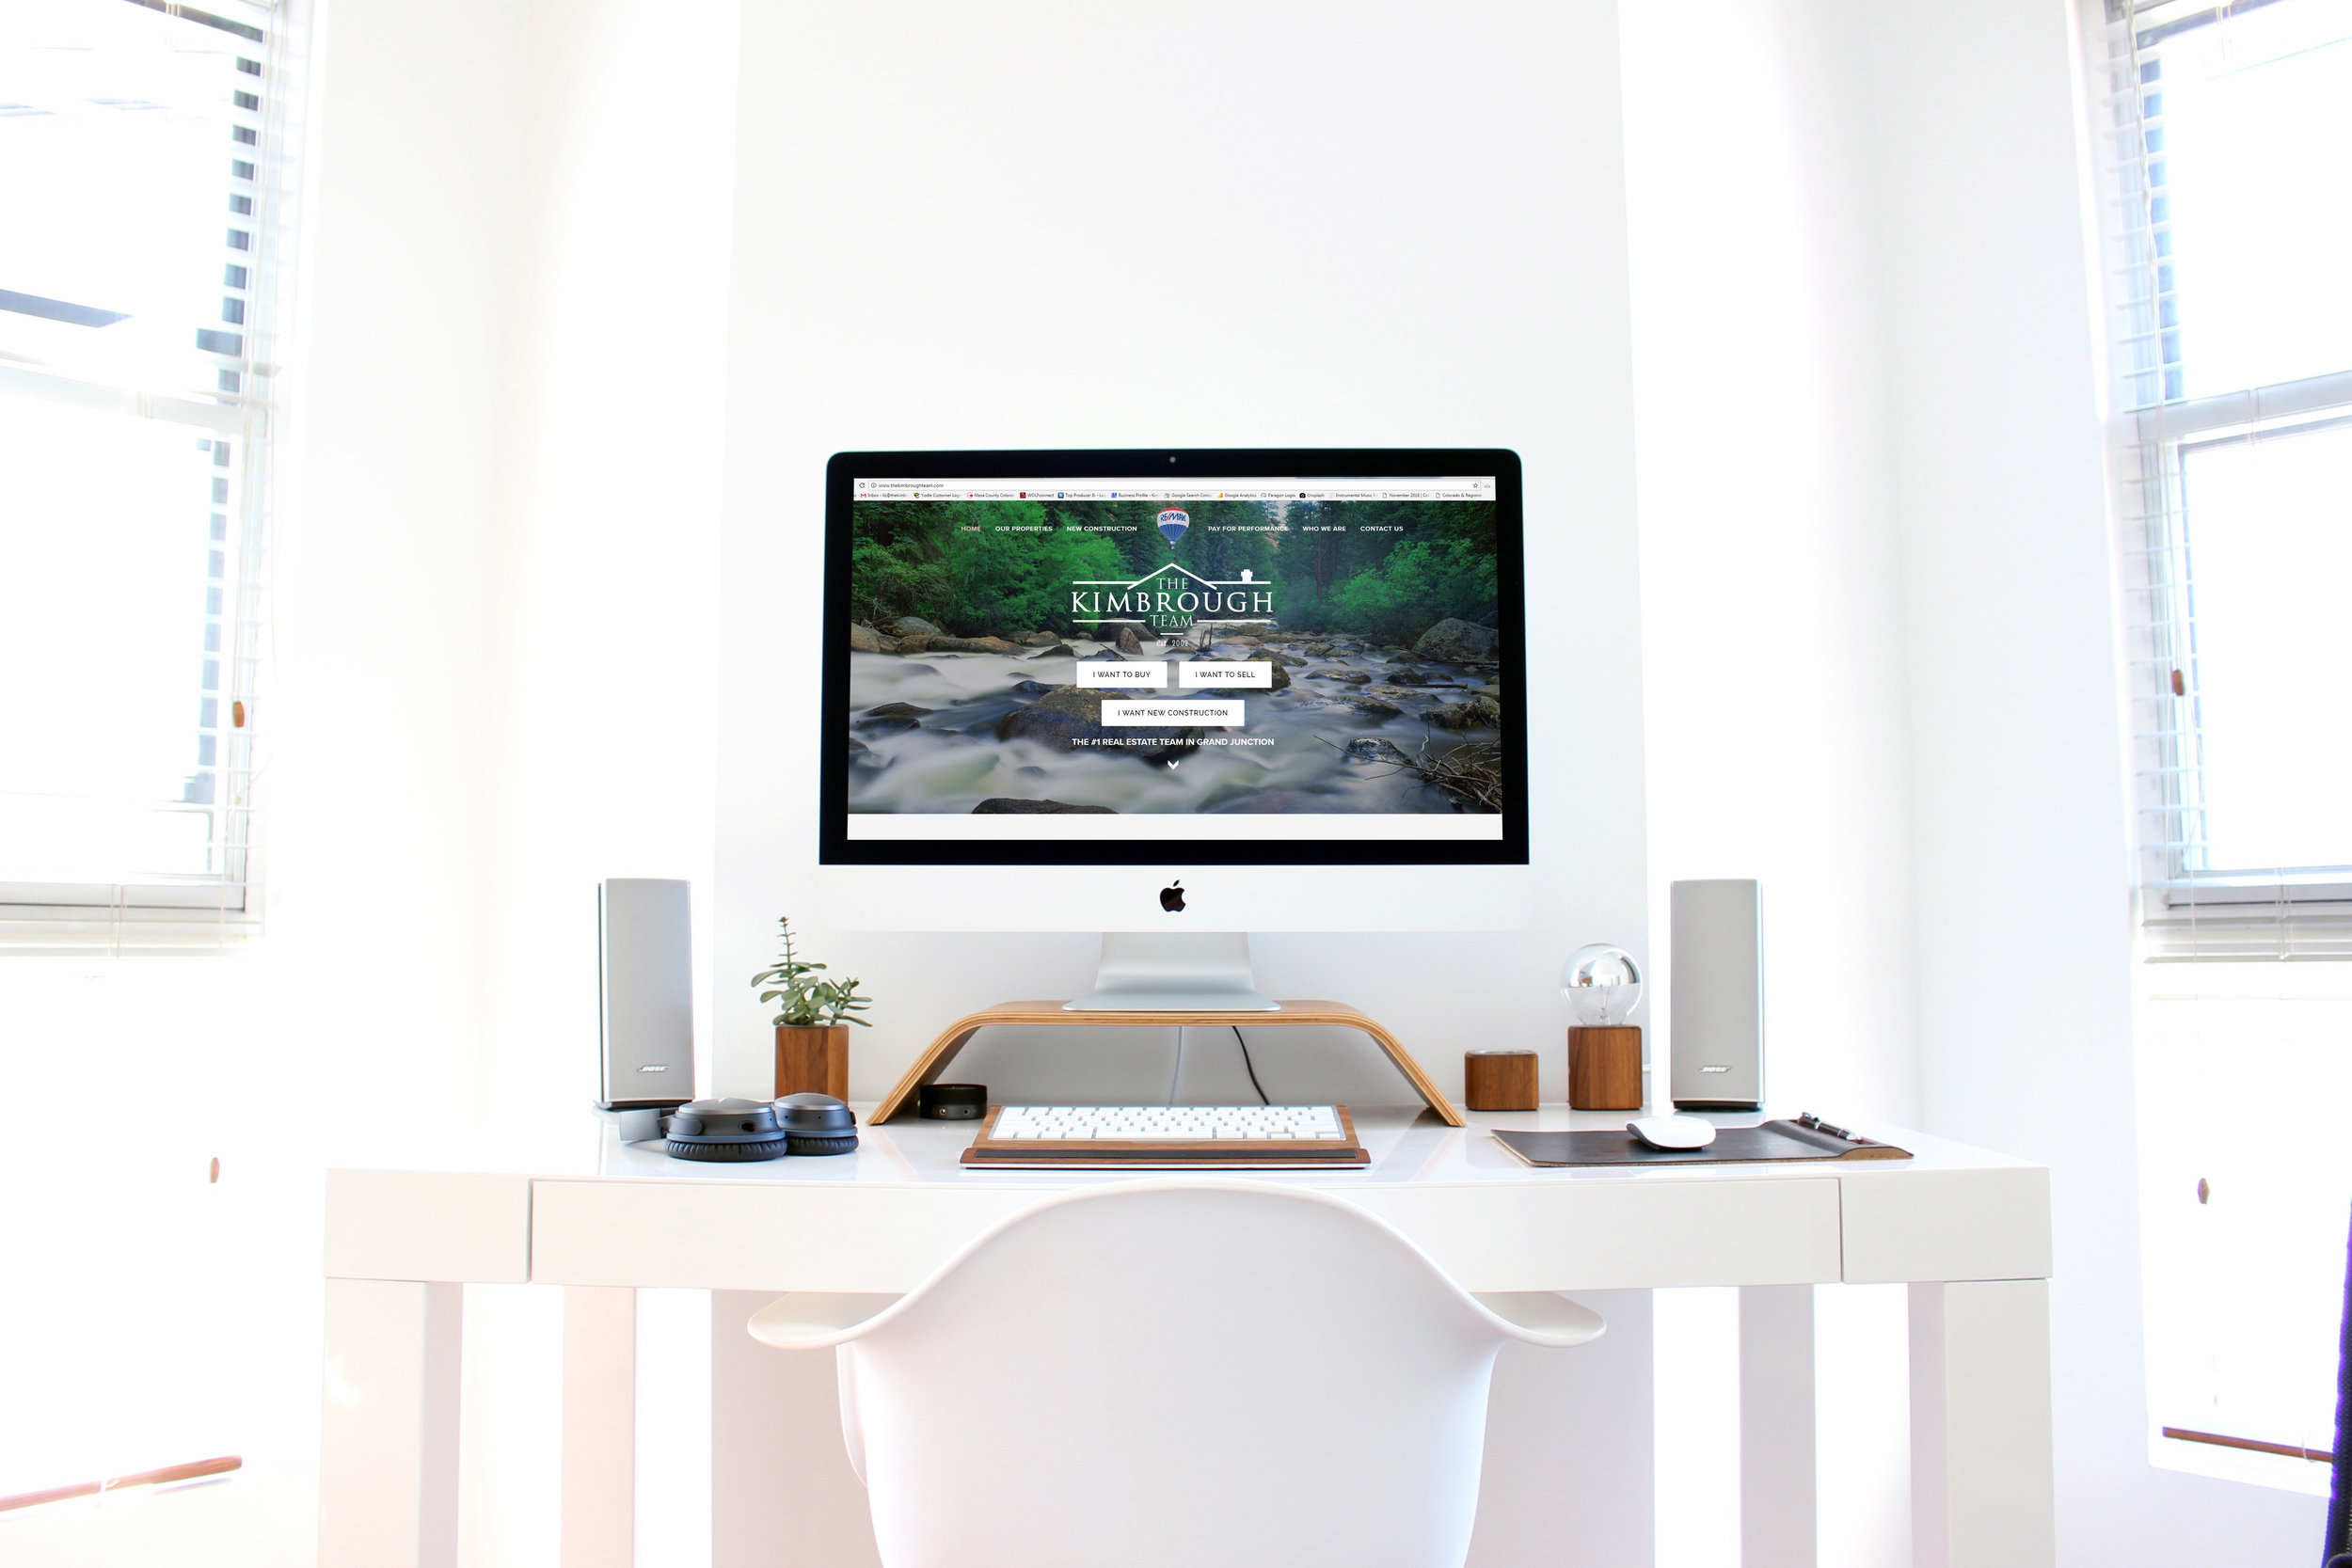 kimbrough-website-computer